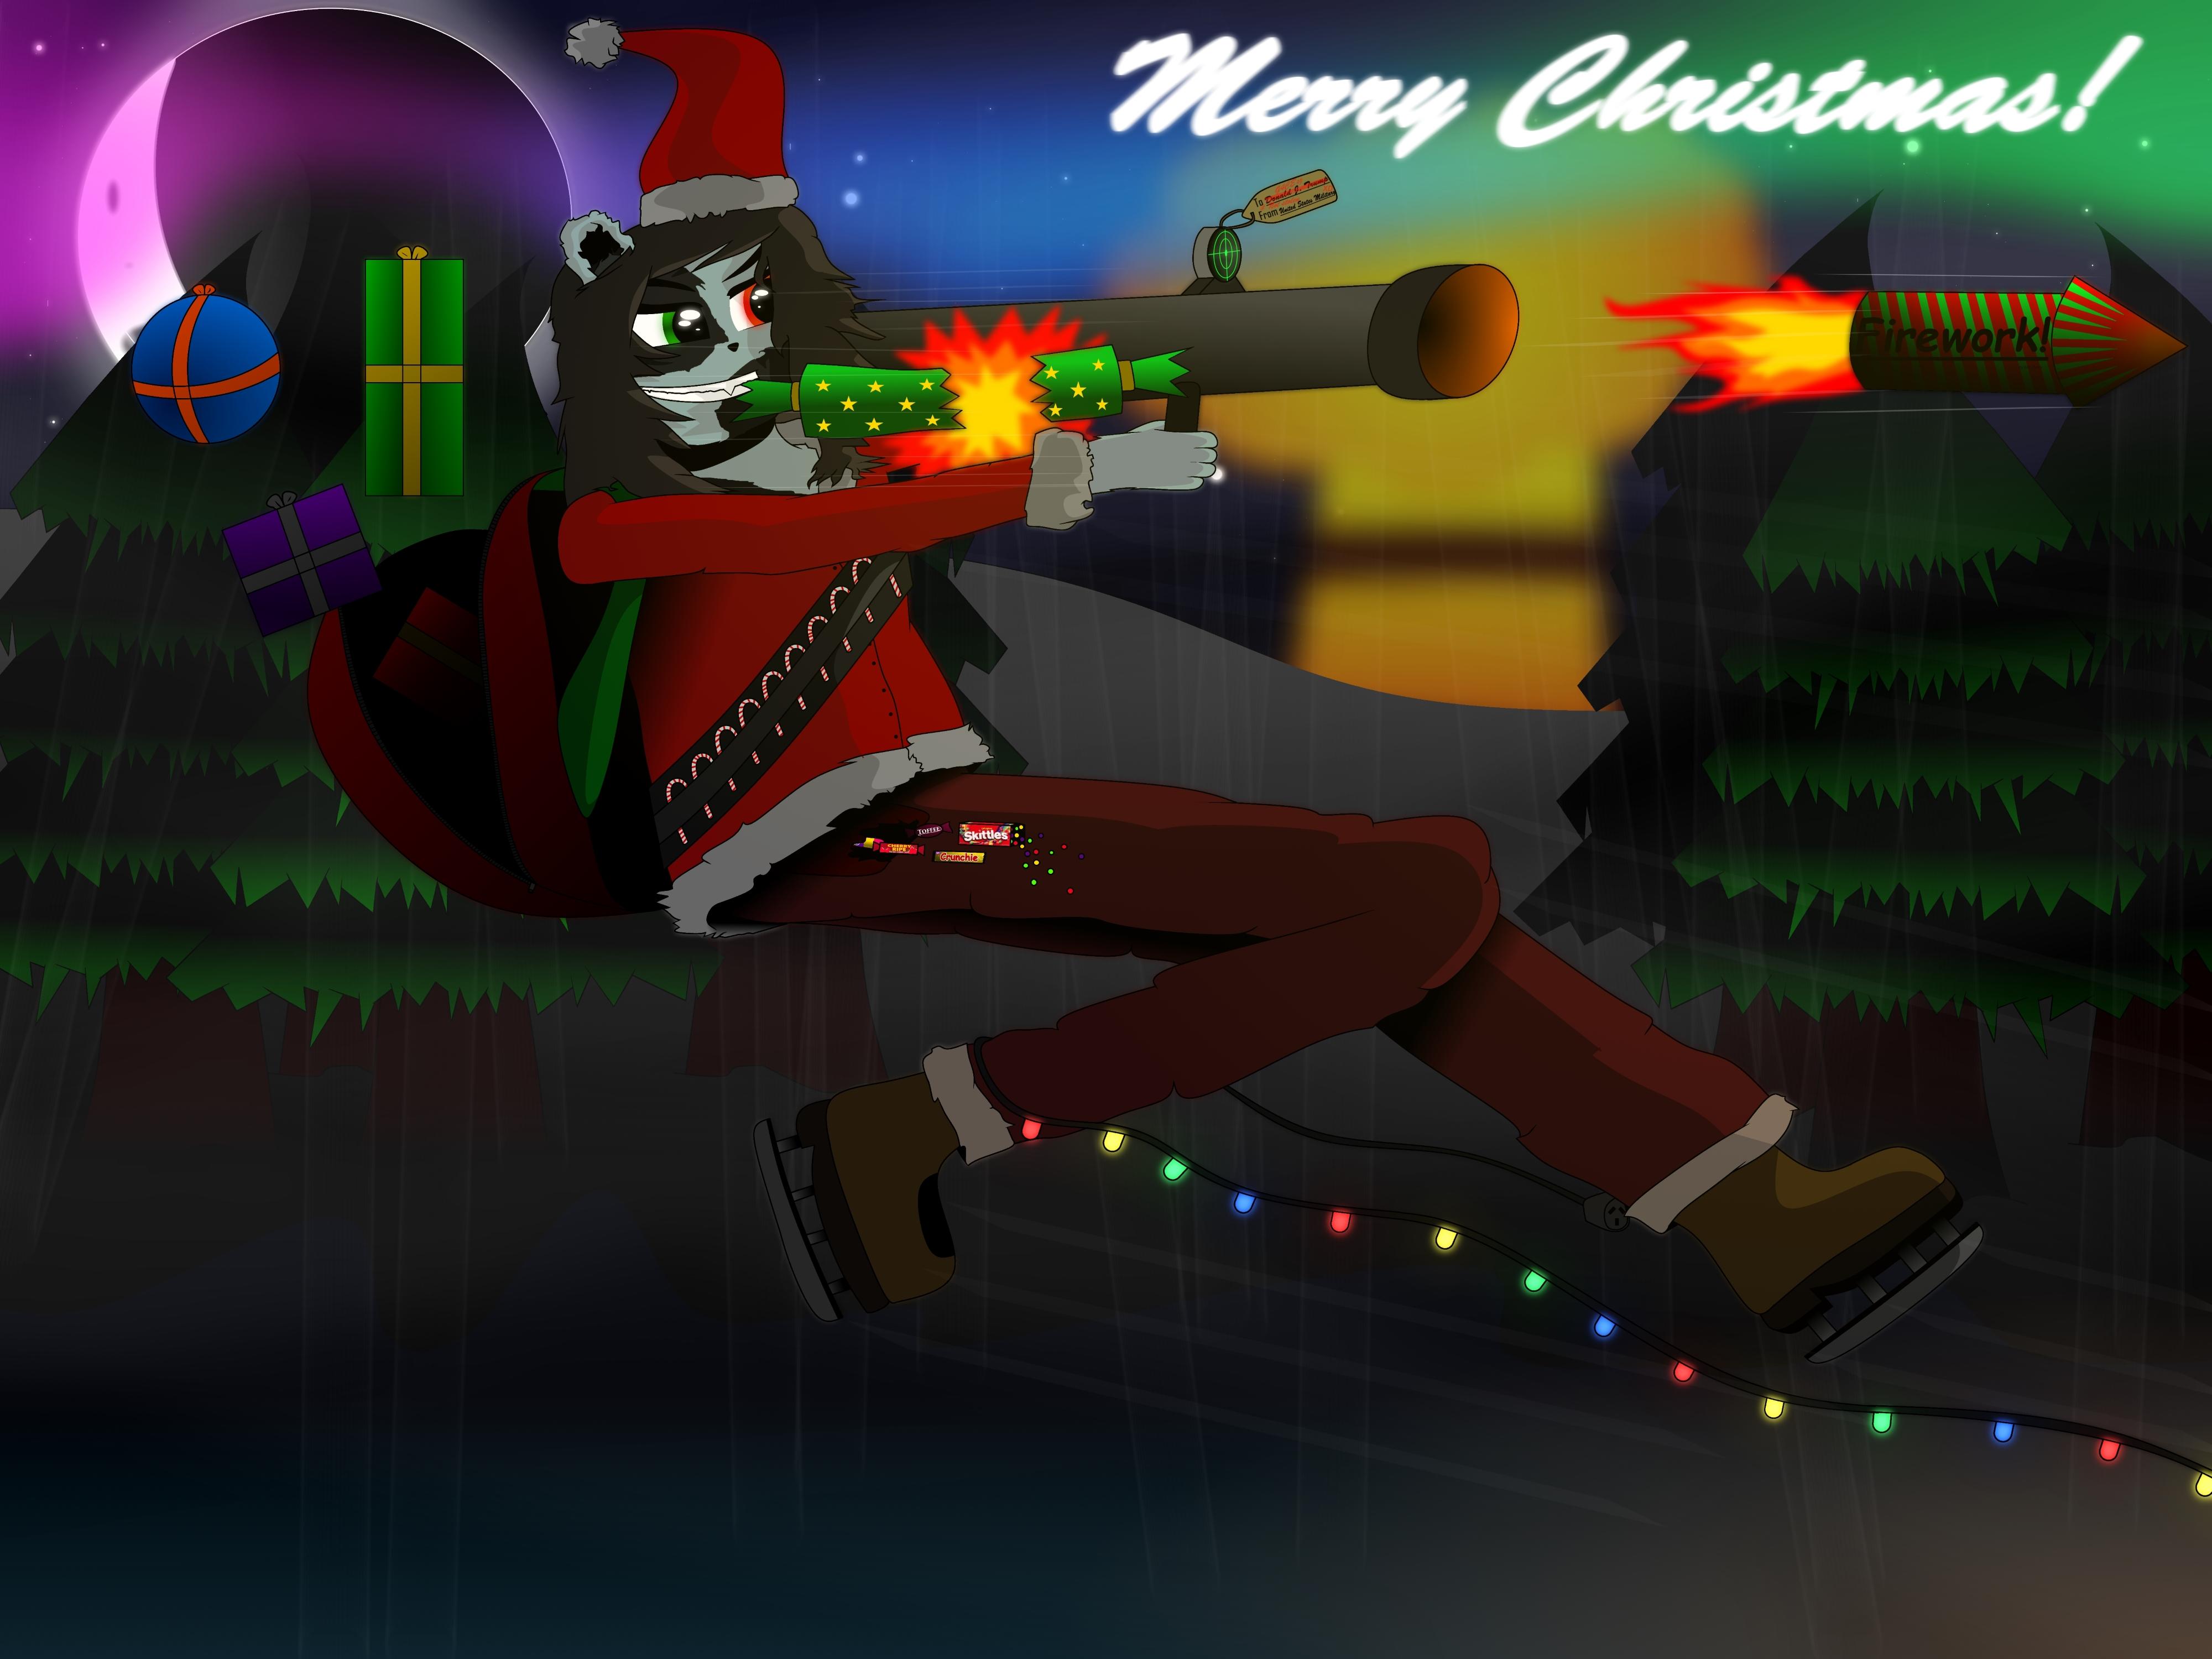 Christmas Sugar Rush Frenzy!